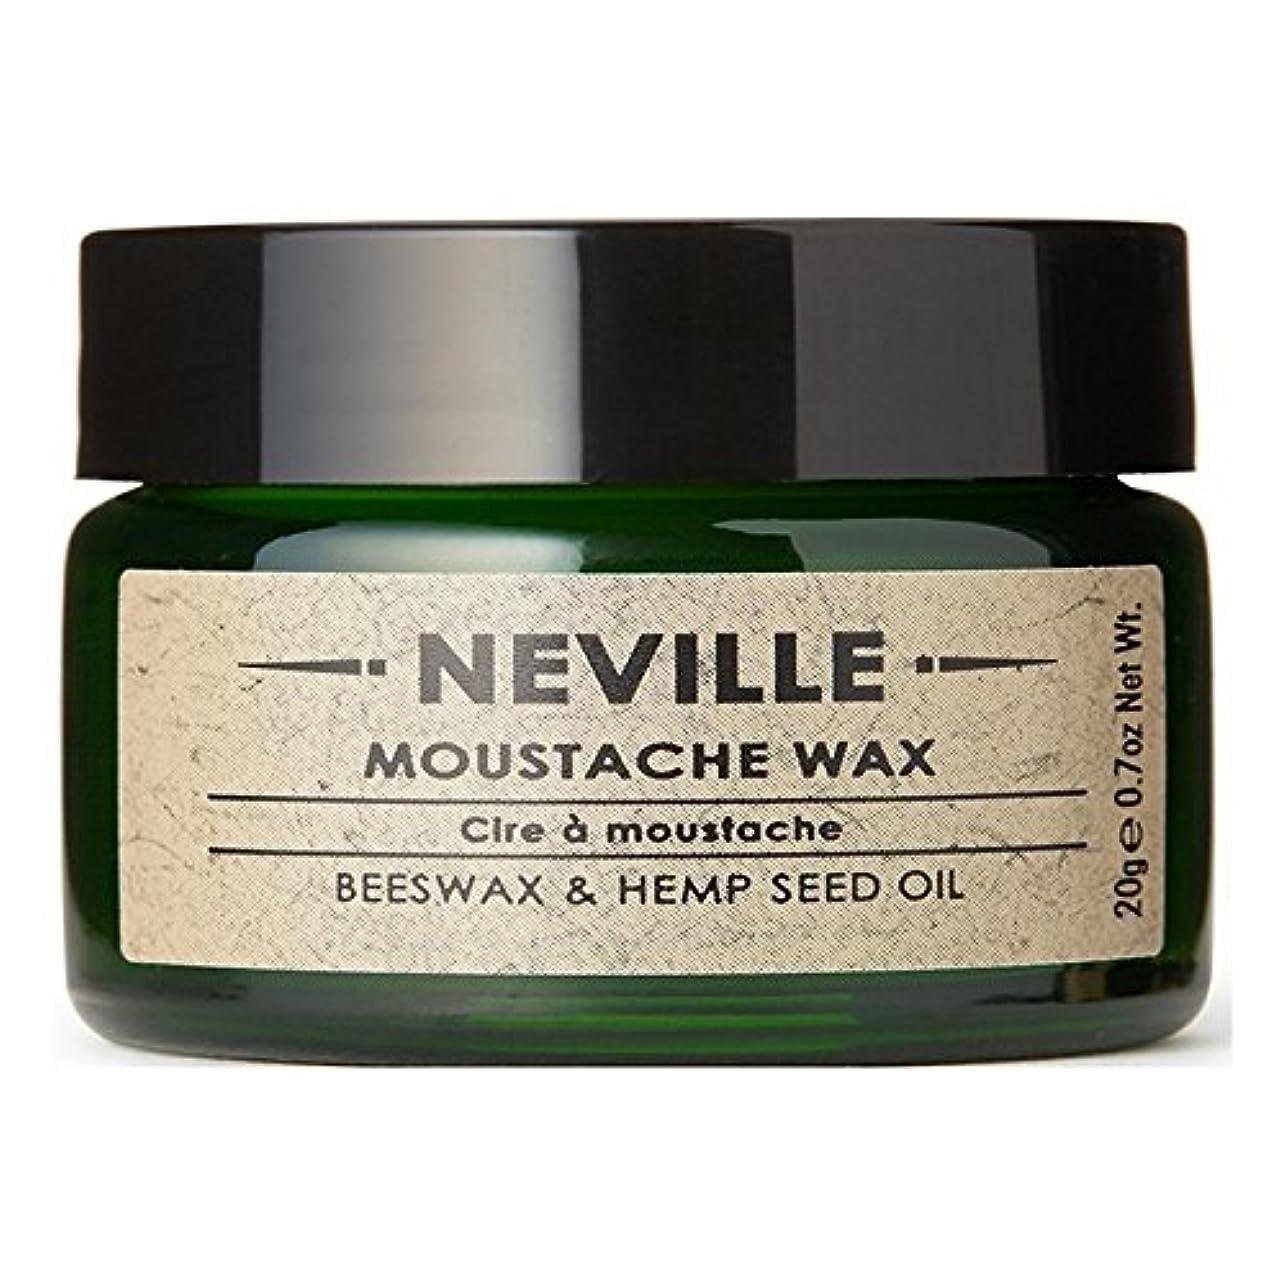 定説ほとんどの場合最適ネビル口ひげワックス x4 - Neville Moustache Wax (Pack of 4) [並行輸入品]